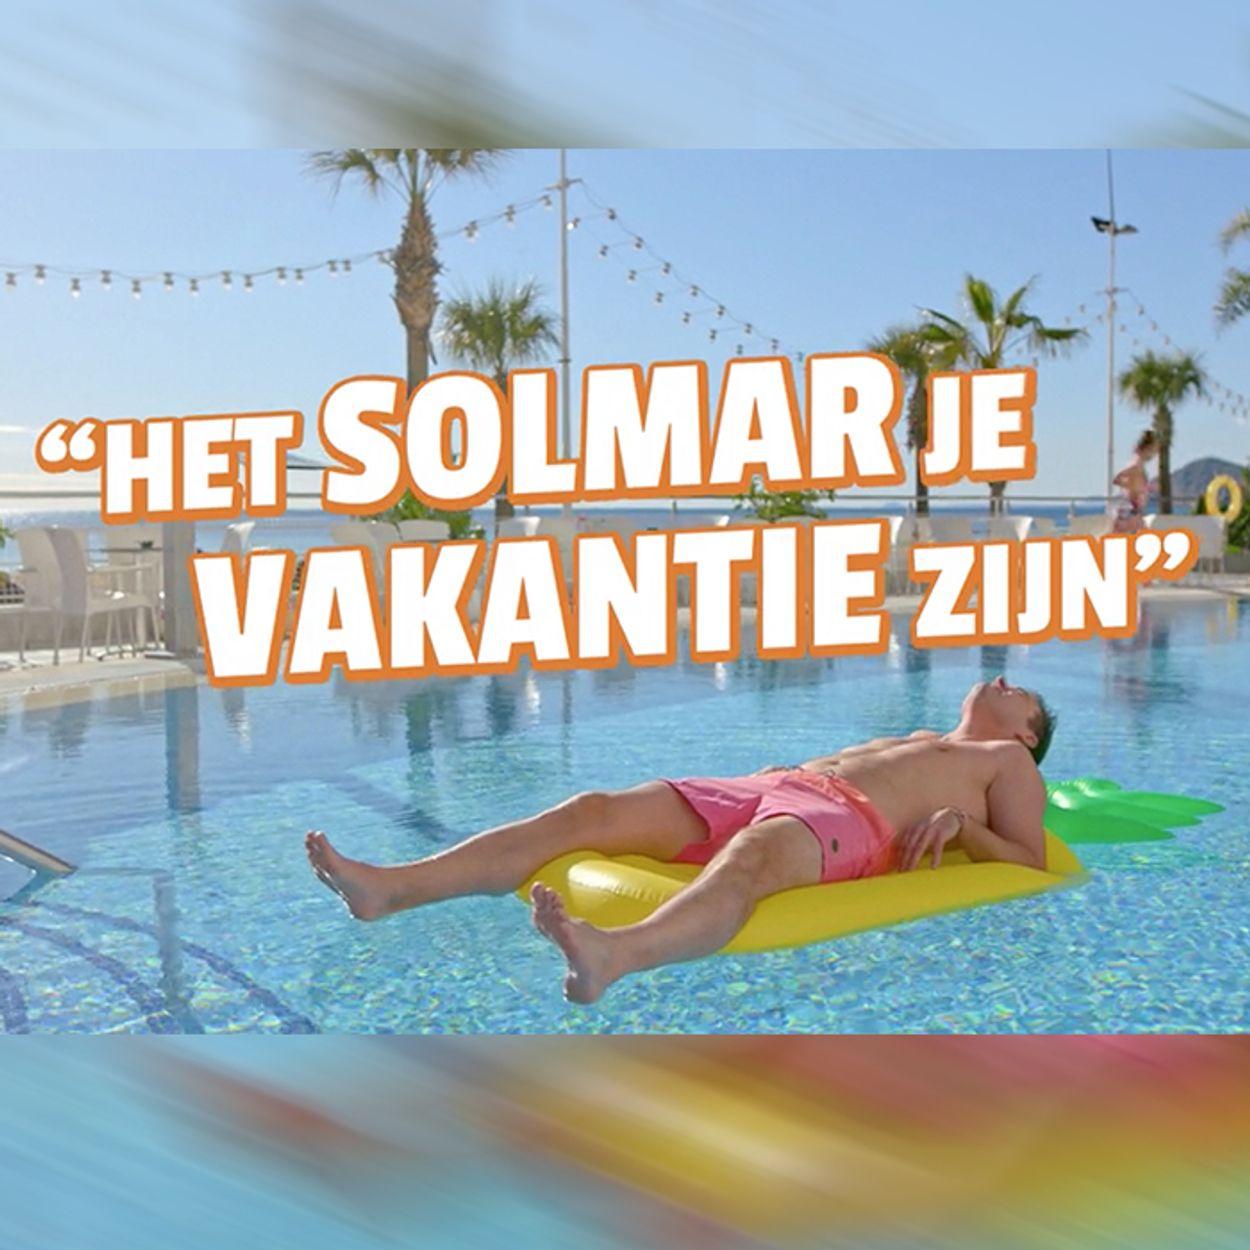 Het Solmar je vakantie zijn - Solmar Tours